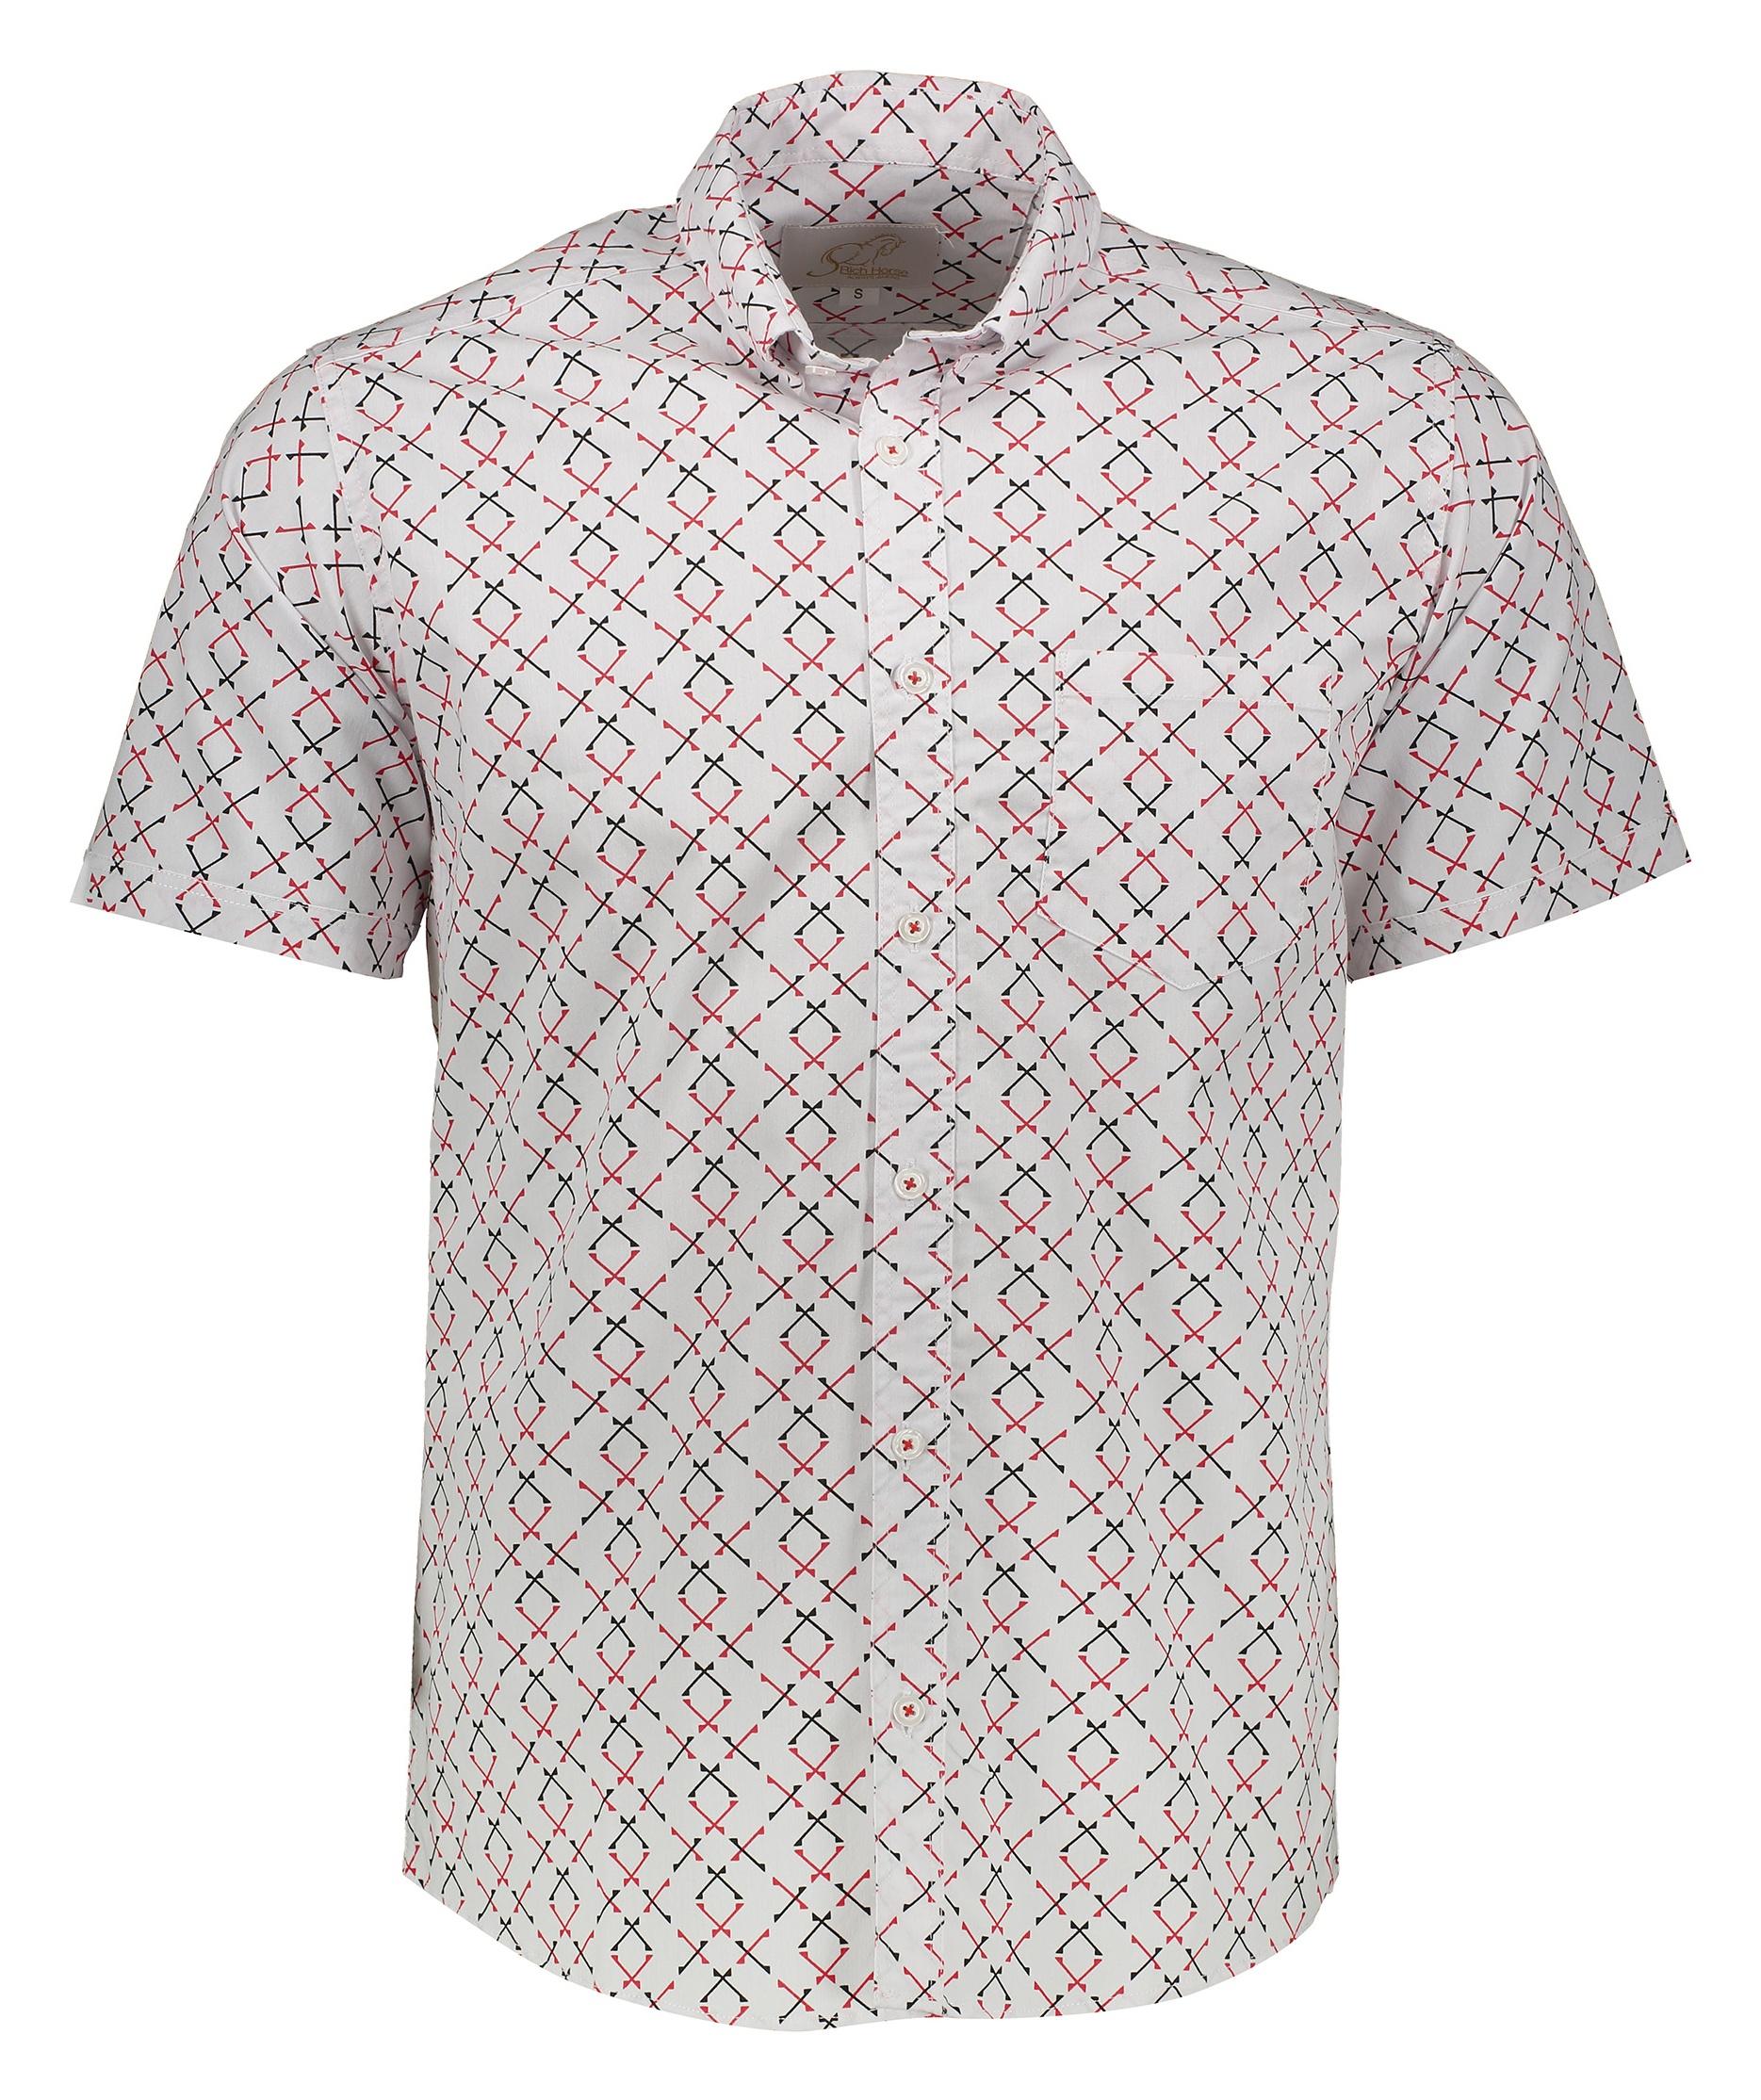 پیراهن آستین کوتاه مردانه ریچ هورس مدل pl003